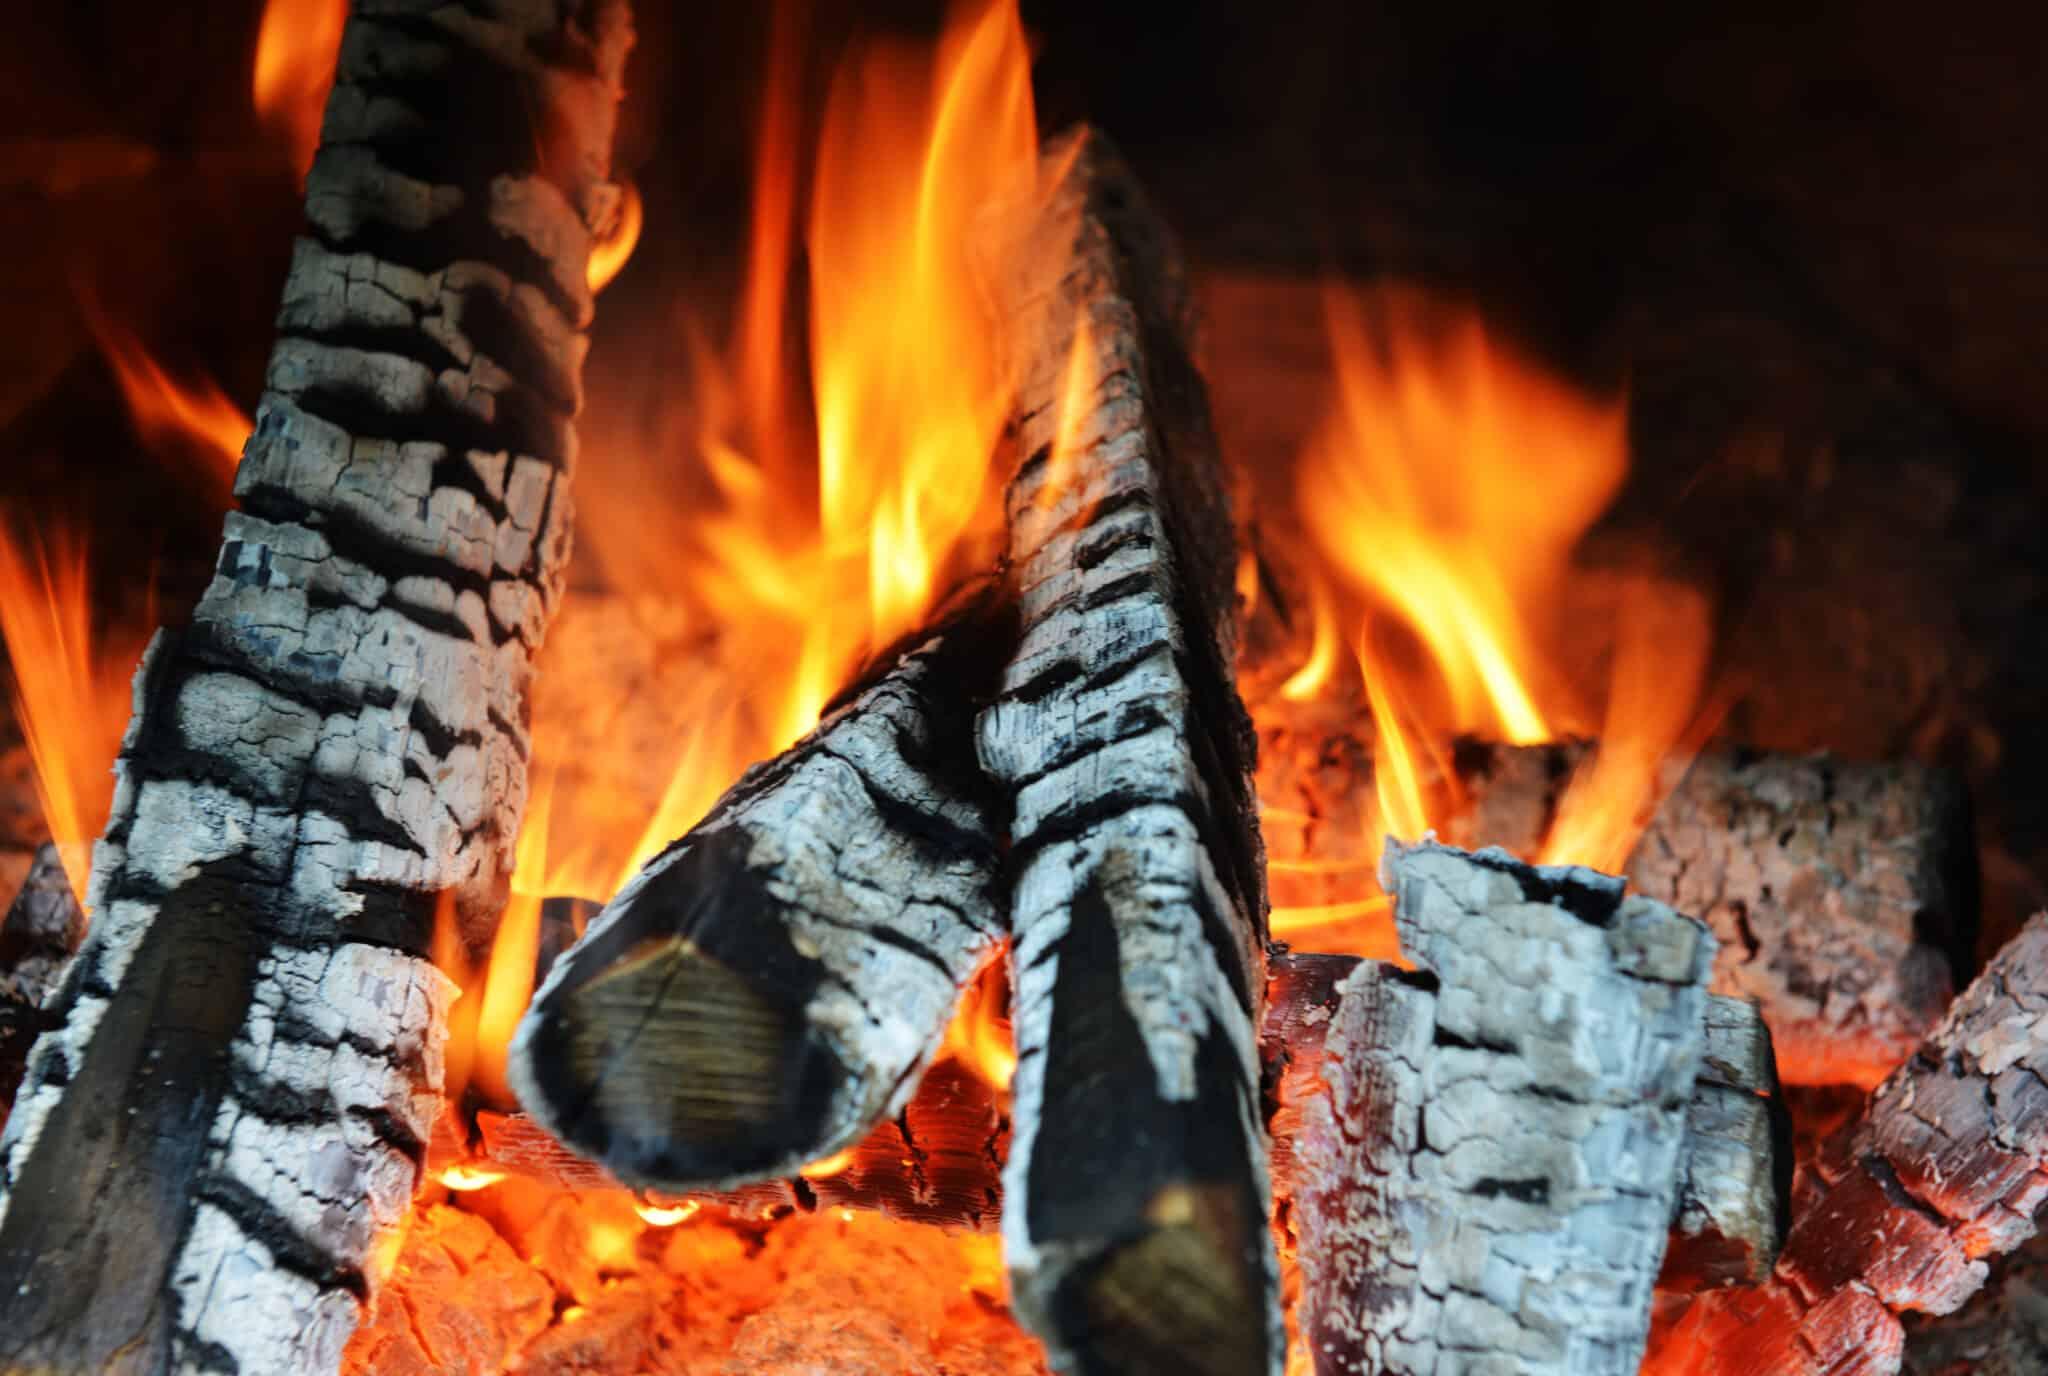 Verbotswidrig Feuer Machen Umwelt Bussgeldkatalog 2019